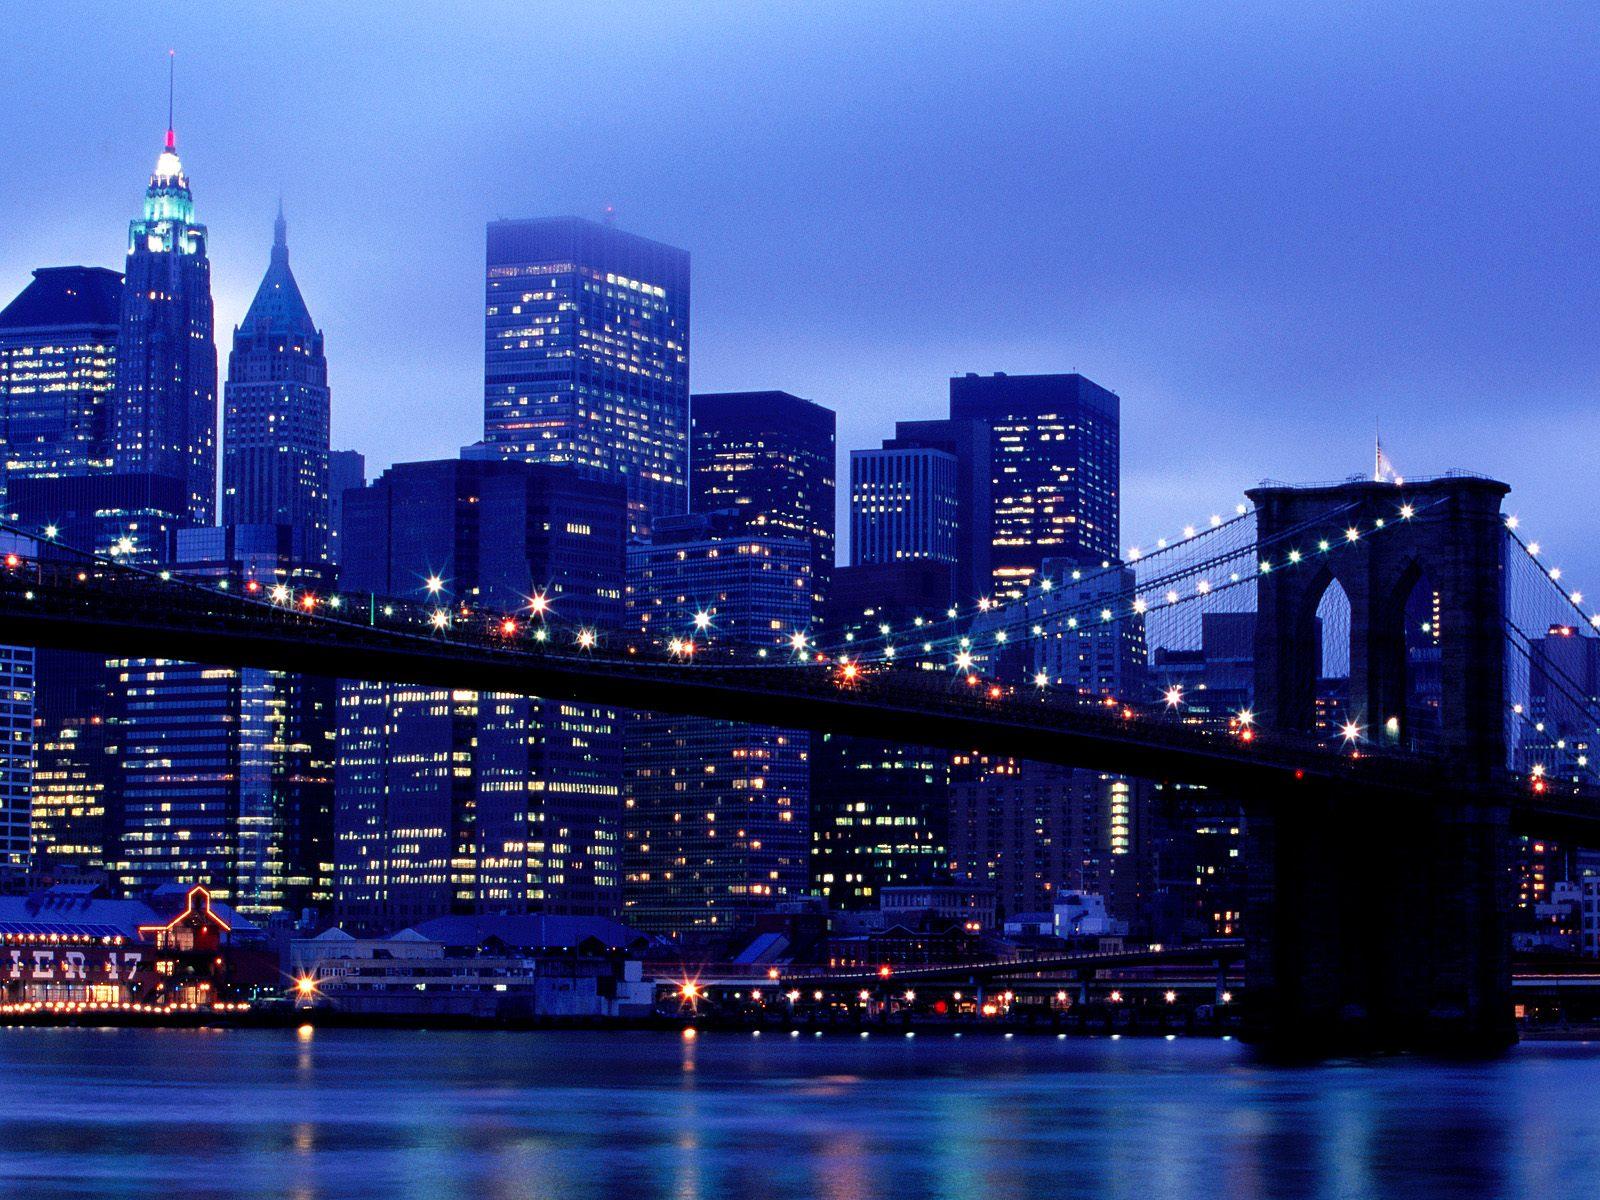 http://3.bp.blogspot.com/-wzBZrzI34vo/UC5dzfb4YYI/AAAAAAAAAMw/U4IvfxthBnw/s1600/Manhattan_SkylineBrooklyn_New_York.jpg